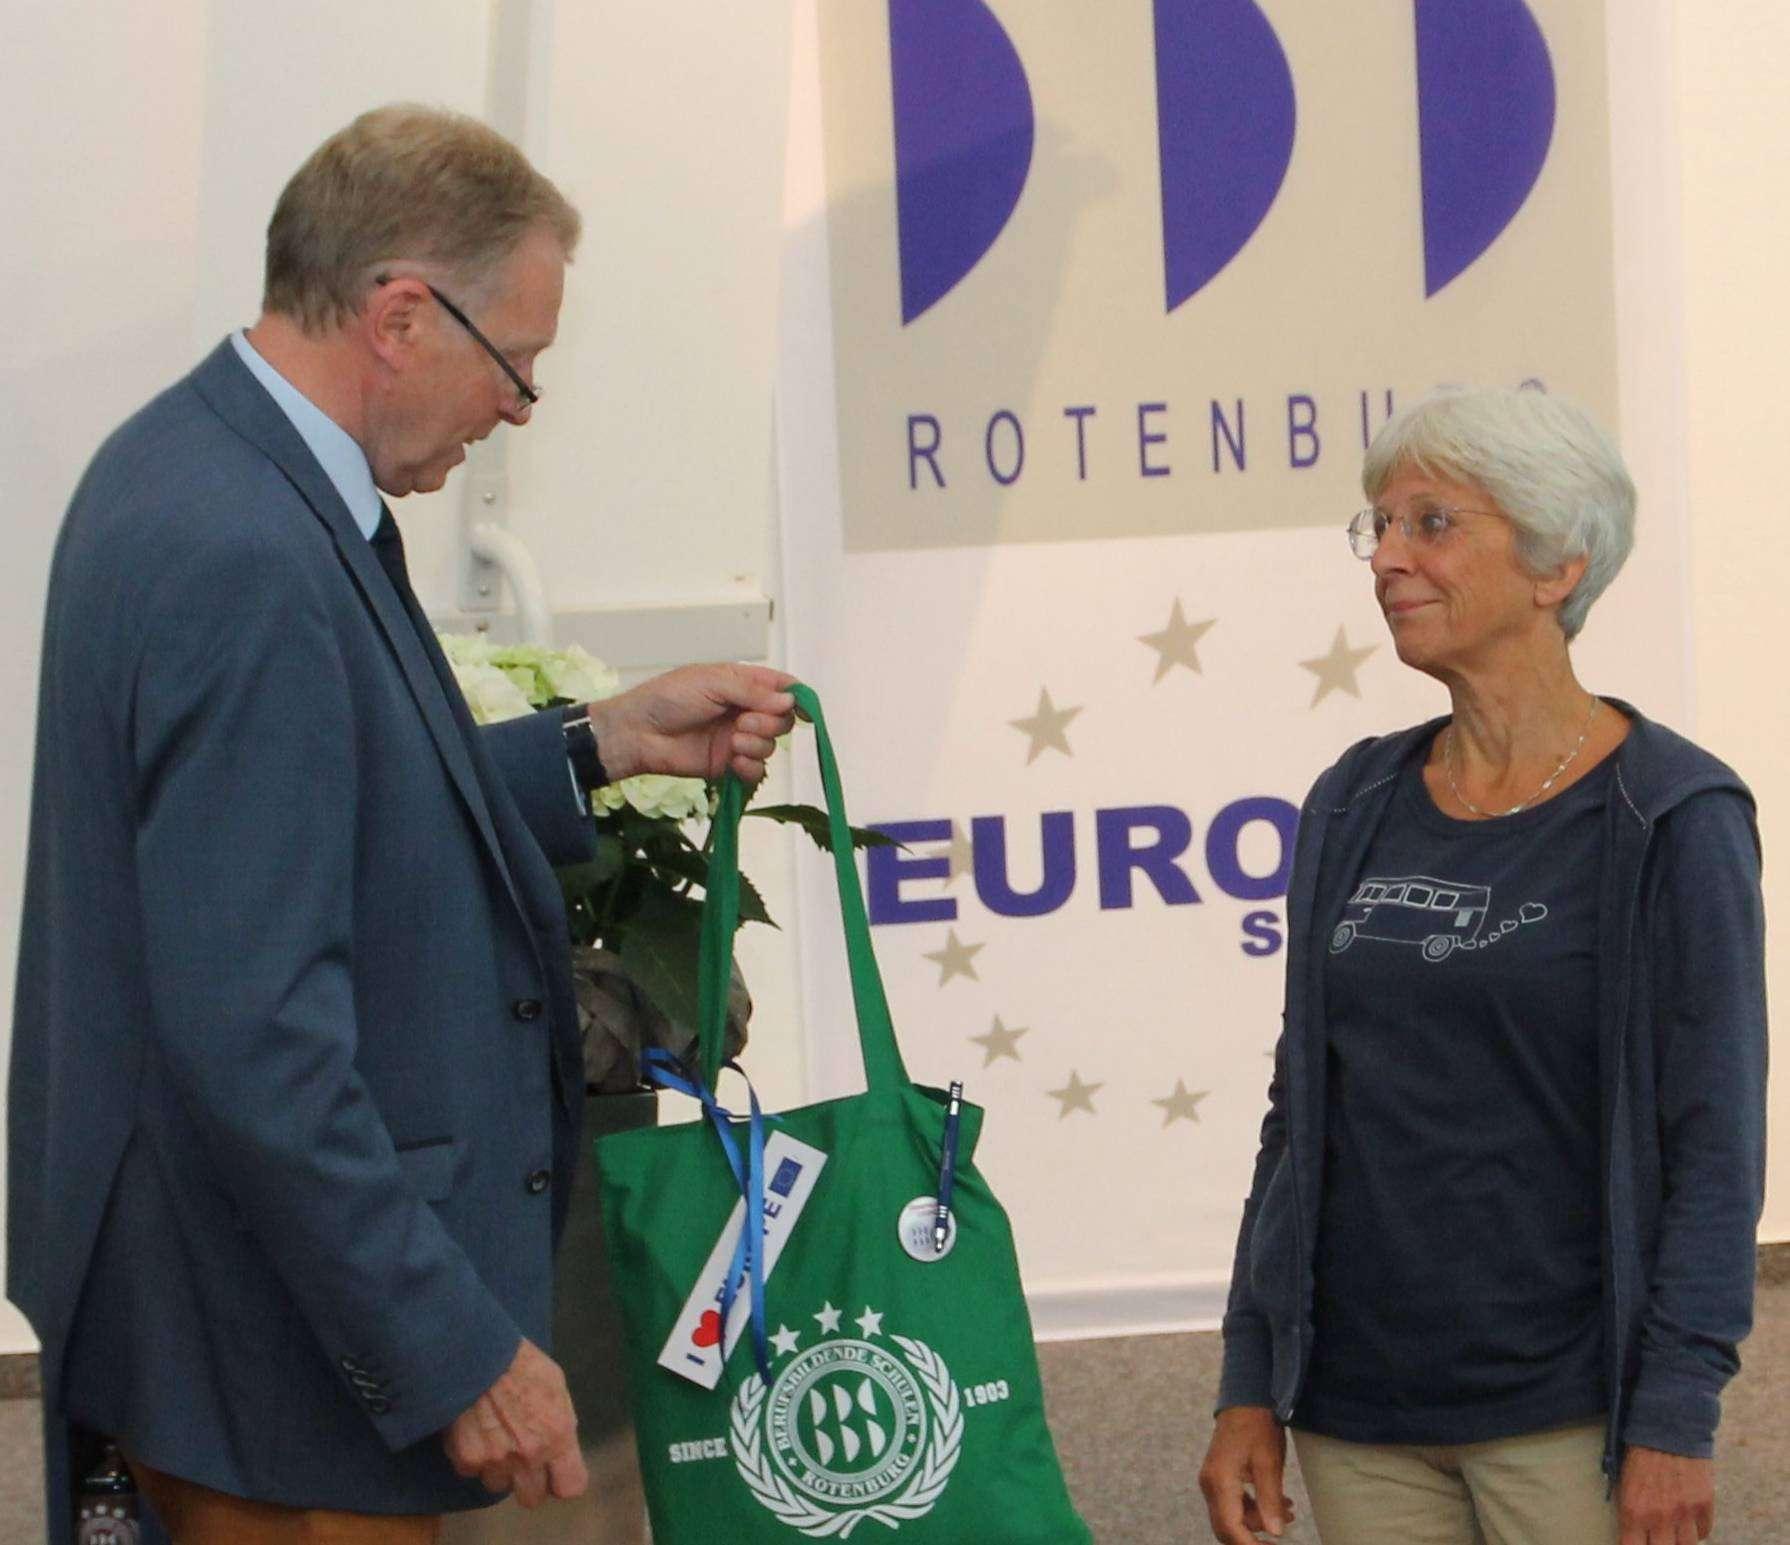 Katharina Engelhardt (Bild links) wie auch Meike Hülsemann verabschiedetetn sich in den Ruhestand. Dank gab es unter anderem von BBS-Schulleiter Wolf Hertz-Kleptow.